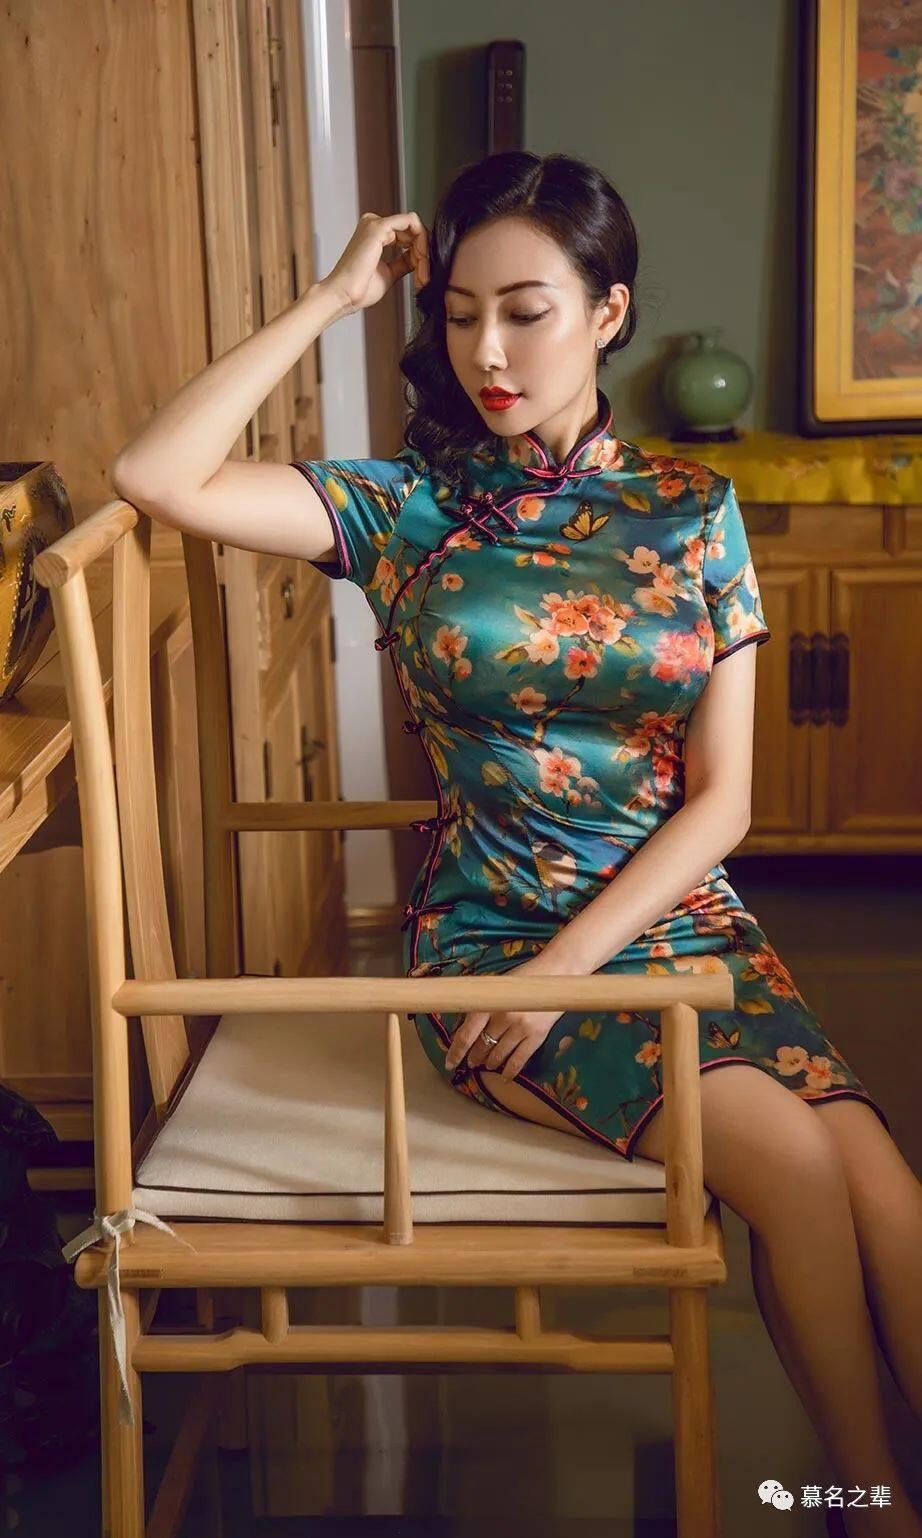 私房模特写真——松果儿Victoria(F罩杯)16